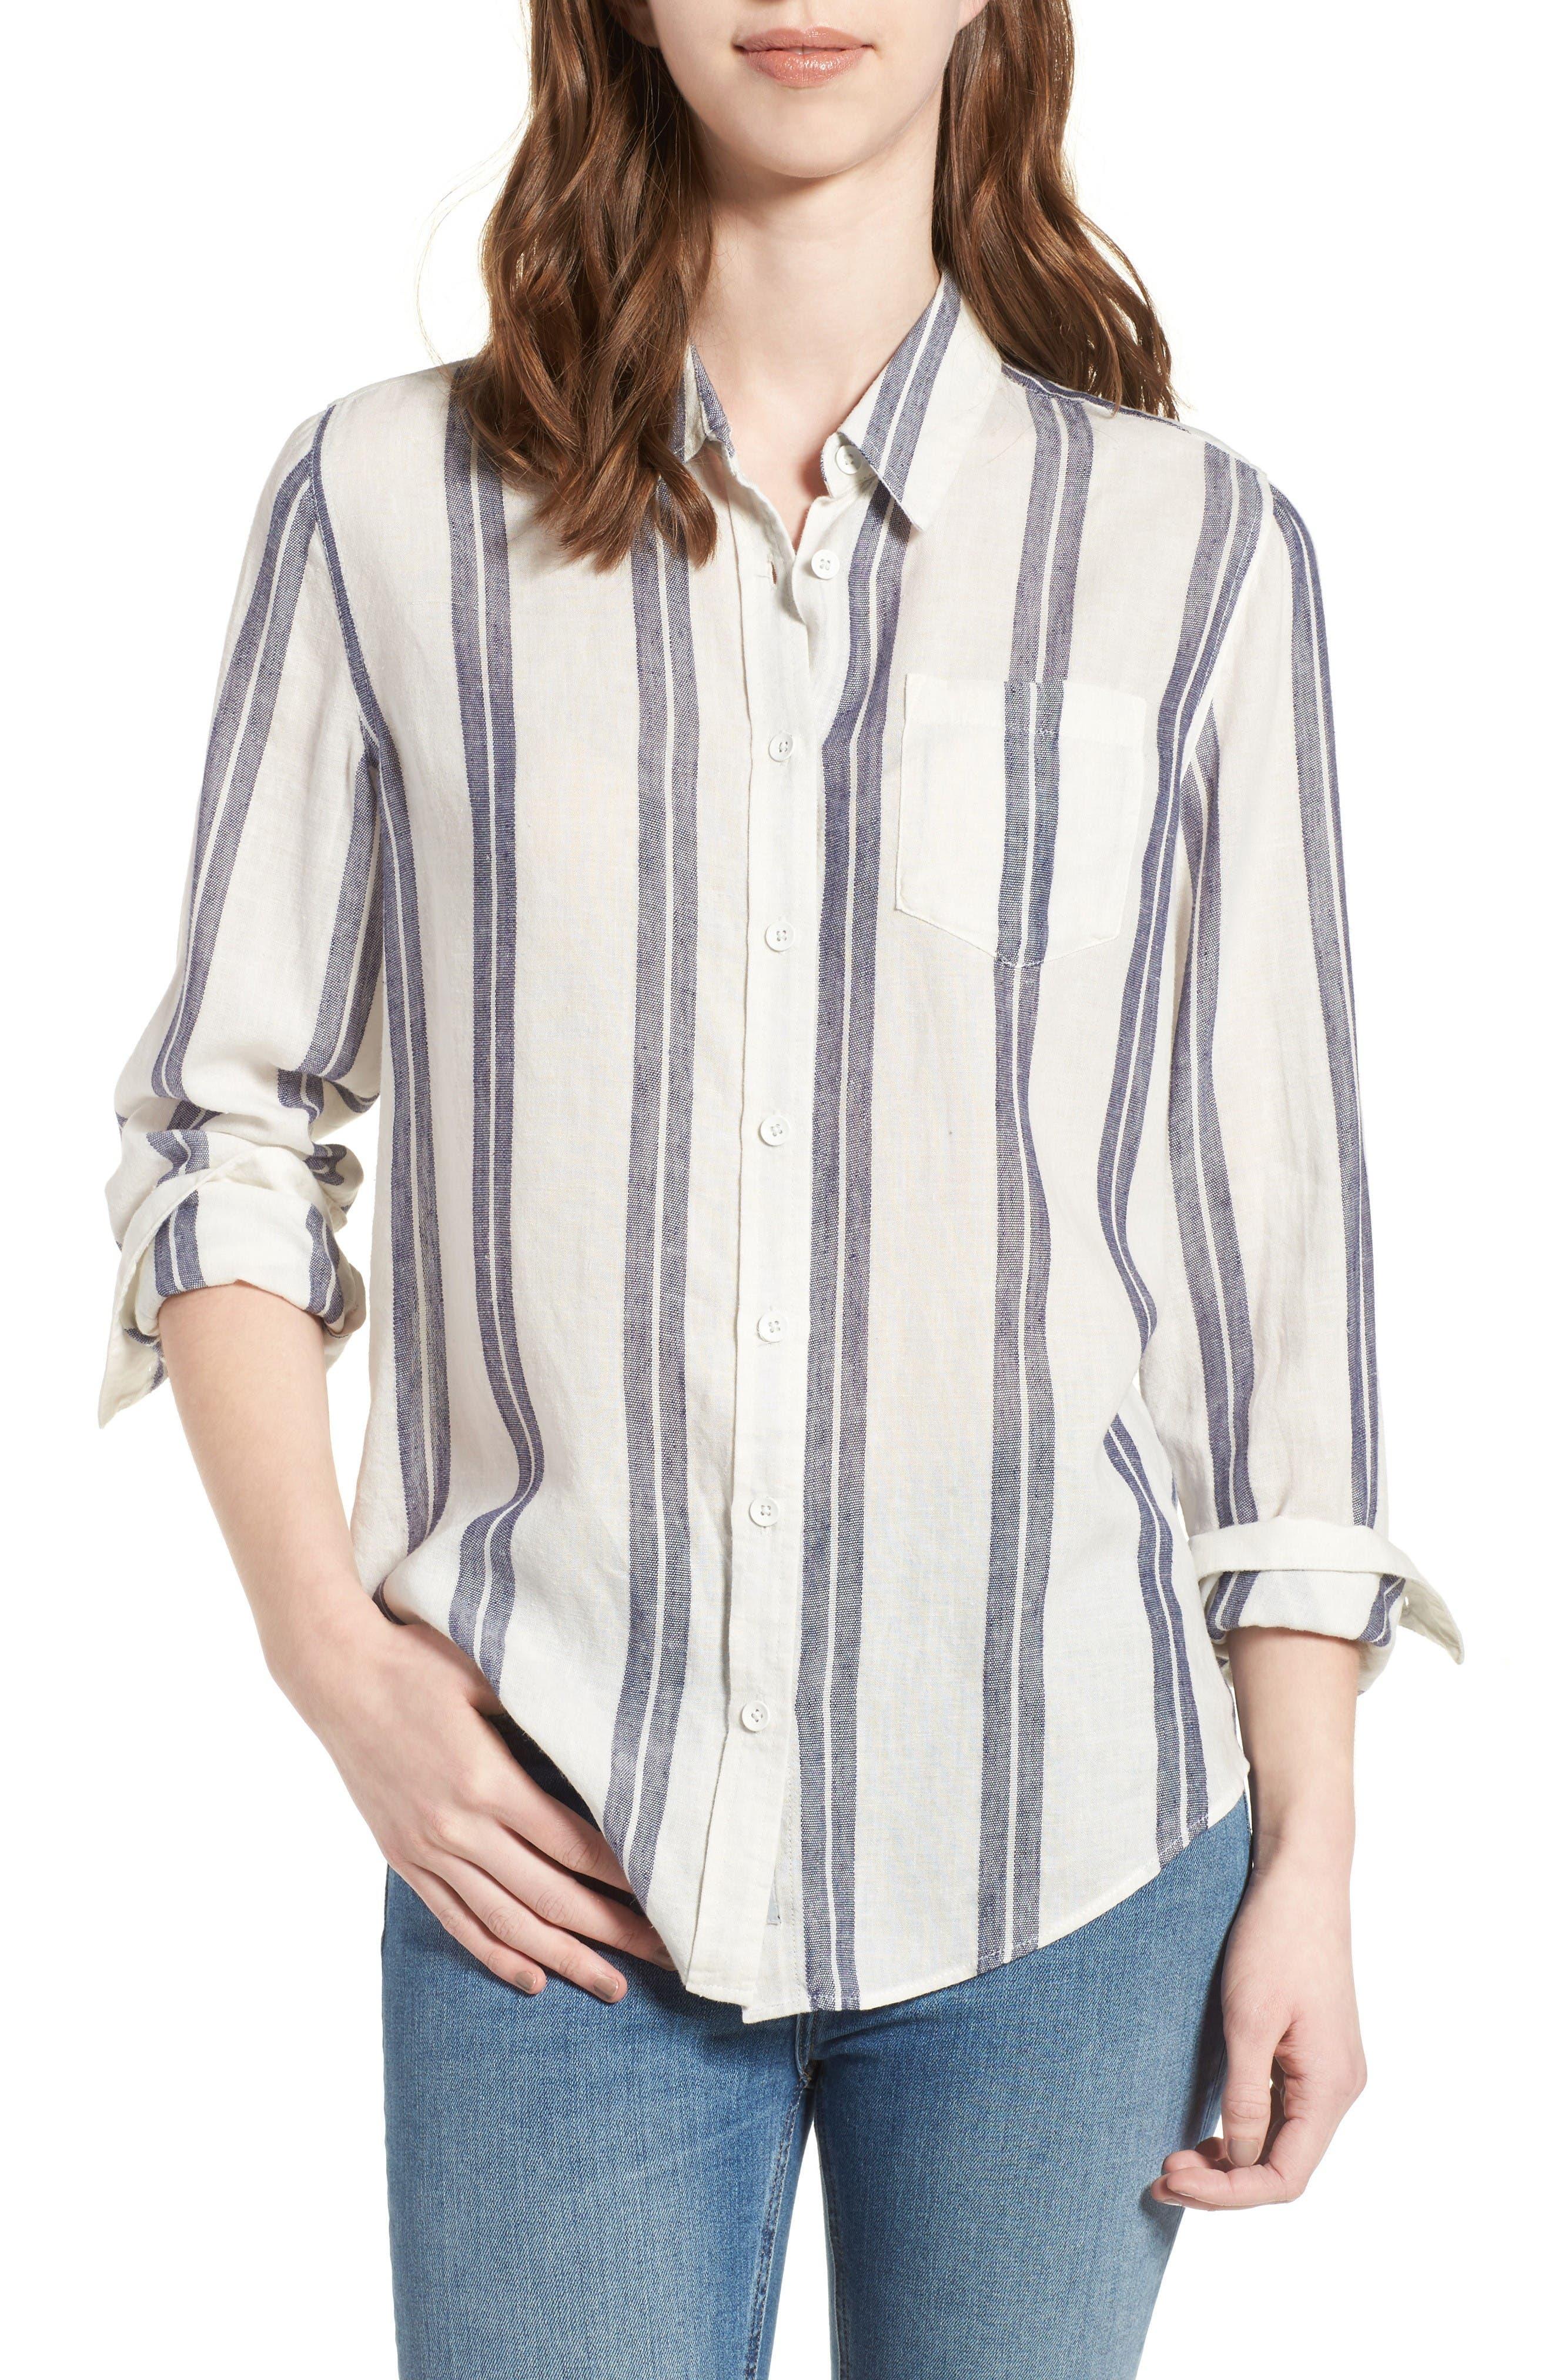 Mercer & Spring Shirt,                         Main,                         color, Blue/ Cream Stripes